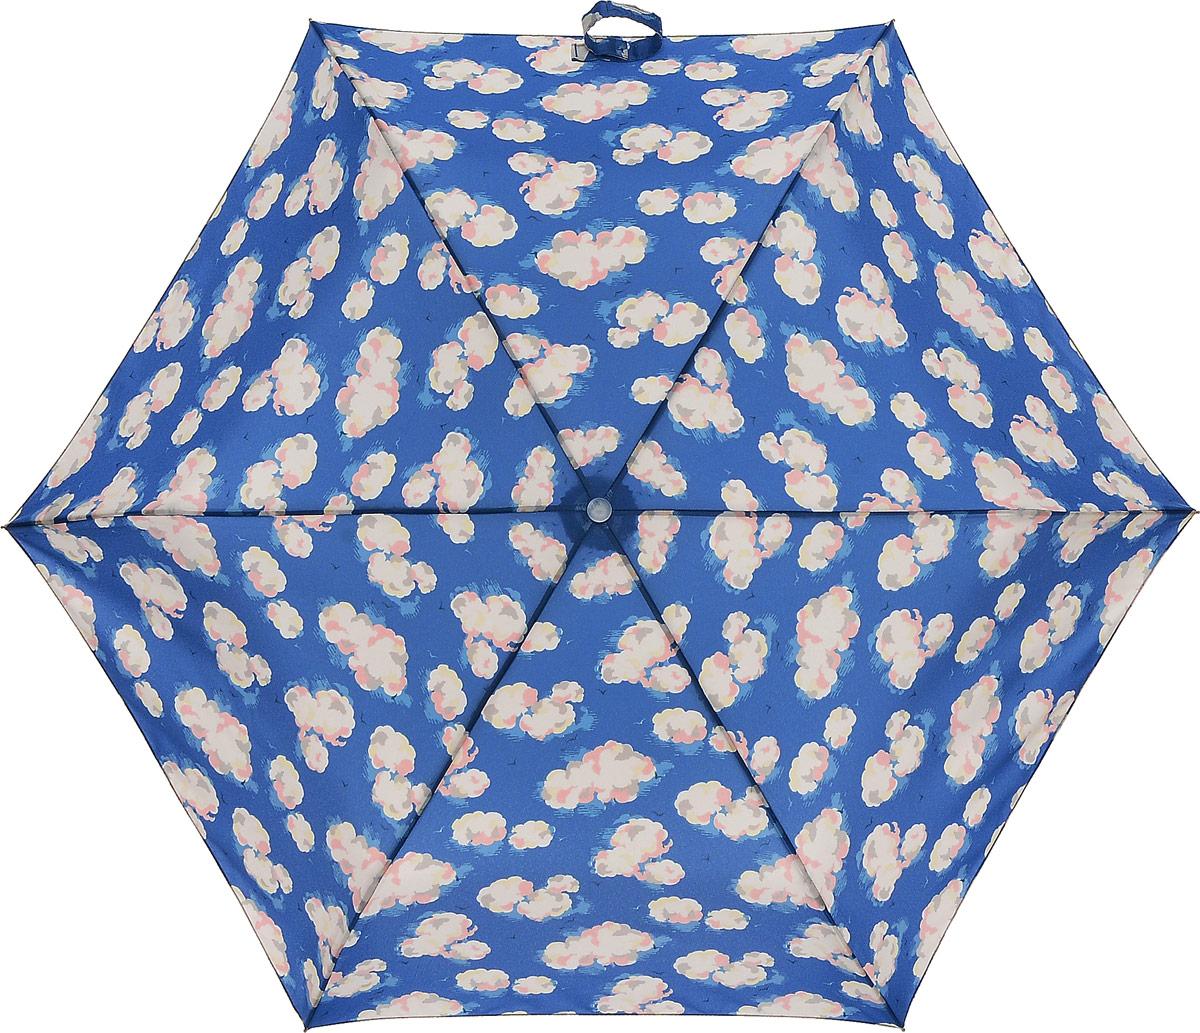 Зонт женский Cath Kidston Minilite, механический, 3 сложения, цвет: синий, мультиколор. L768-2949L768-2949 MiniCloudsСтильный механический зонт Cath Kidston Minilite в 3 сложения даже в ненастную погоду позволит вам оставаться элегантной. Каркас зонта выполнен из 8 спиц из фибергласса и алюминия, стержень также изготовлен из алюминия, удобная рукоятка - из пластика. Купол зонта выполнен из прочного полиэстера. В закрытом виде застегивается хлястиком на липучке. Яркий оригинальный рисунок в виде облаков поднимет настроение в дождливый день. Зонт механического сложения: купол открывается и закрывается вручную до характерного щелчка. На рукоятке для удобства есть небольшой шнурок, позволяющий надеть зонт на руку тогда, когда это будет необходимо. К зонту прилагается чехол, который оформлен нашивкой с названием бренда. Такой зонт компактно располагается в кармане, сумочке, дверке автомобиля.